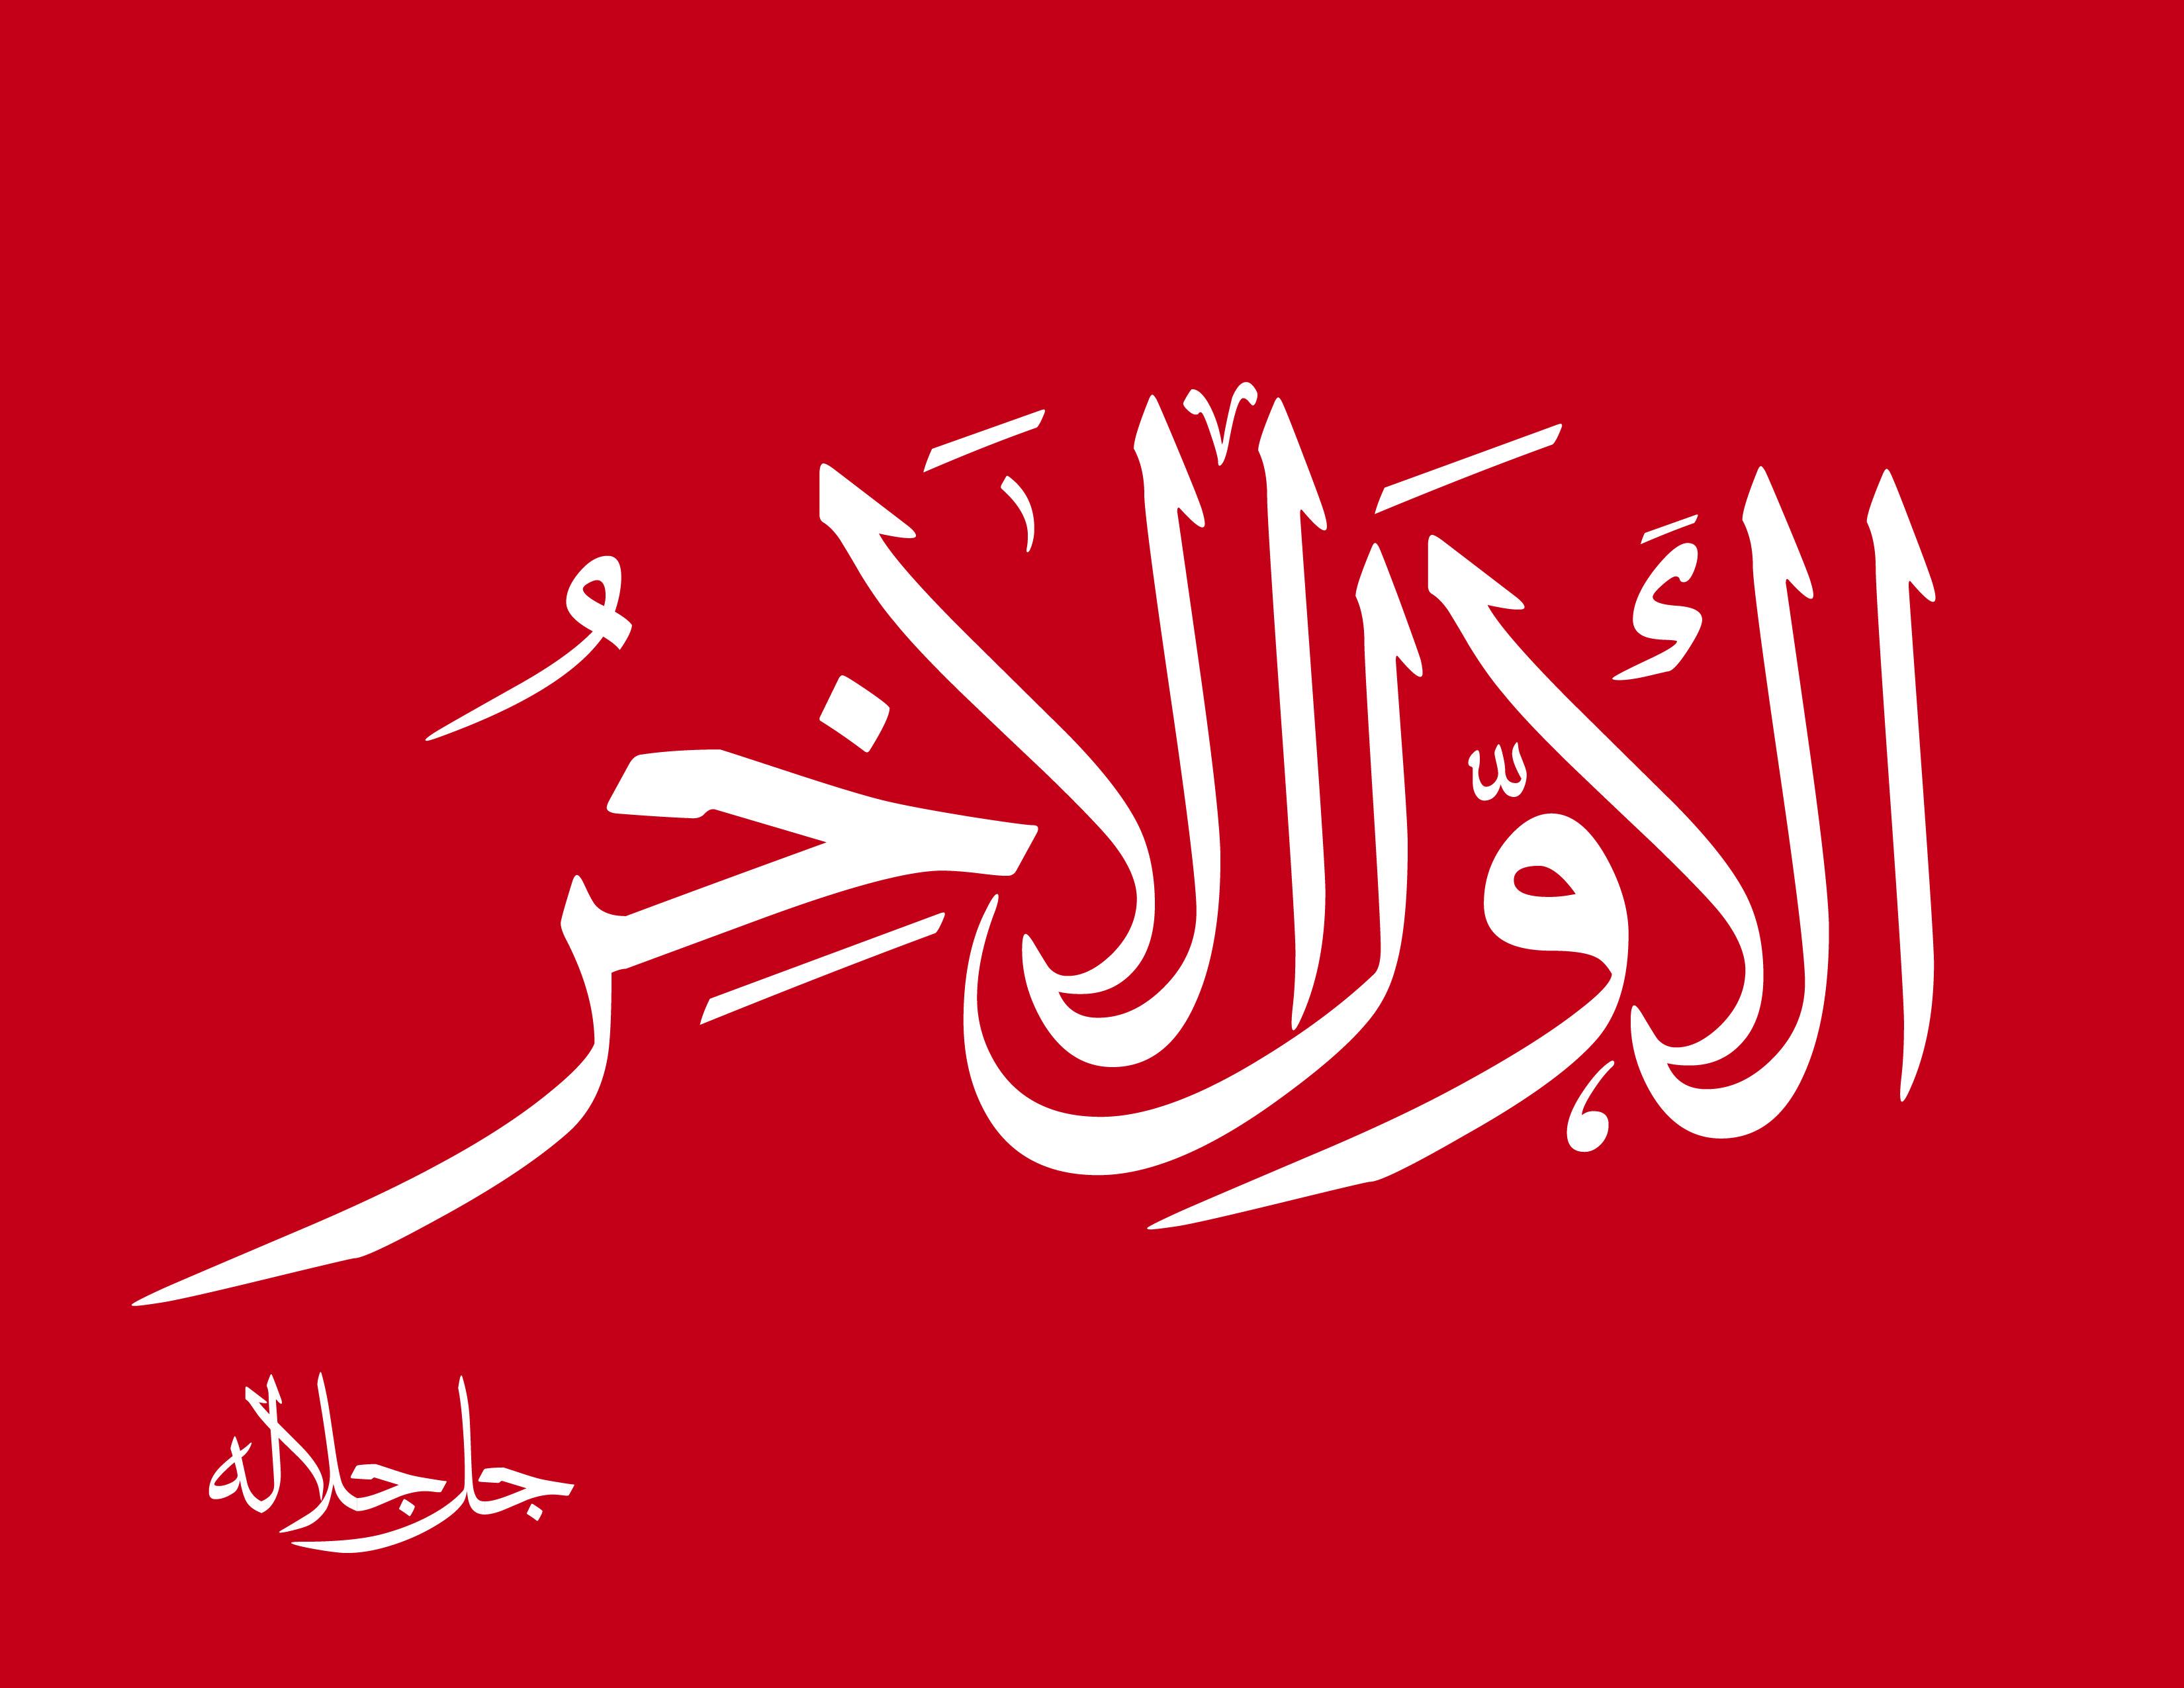 تابع شرح اسماء الله الحسنى للأطفال الأول الآخر الإله الشكور Arabic Calligraphy Okay Gesture Calligraphy